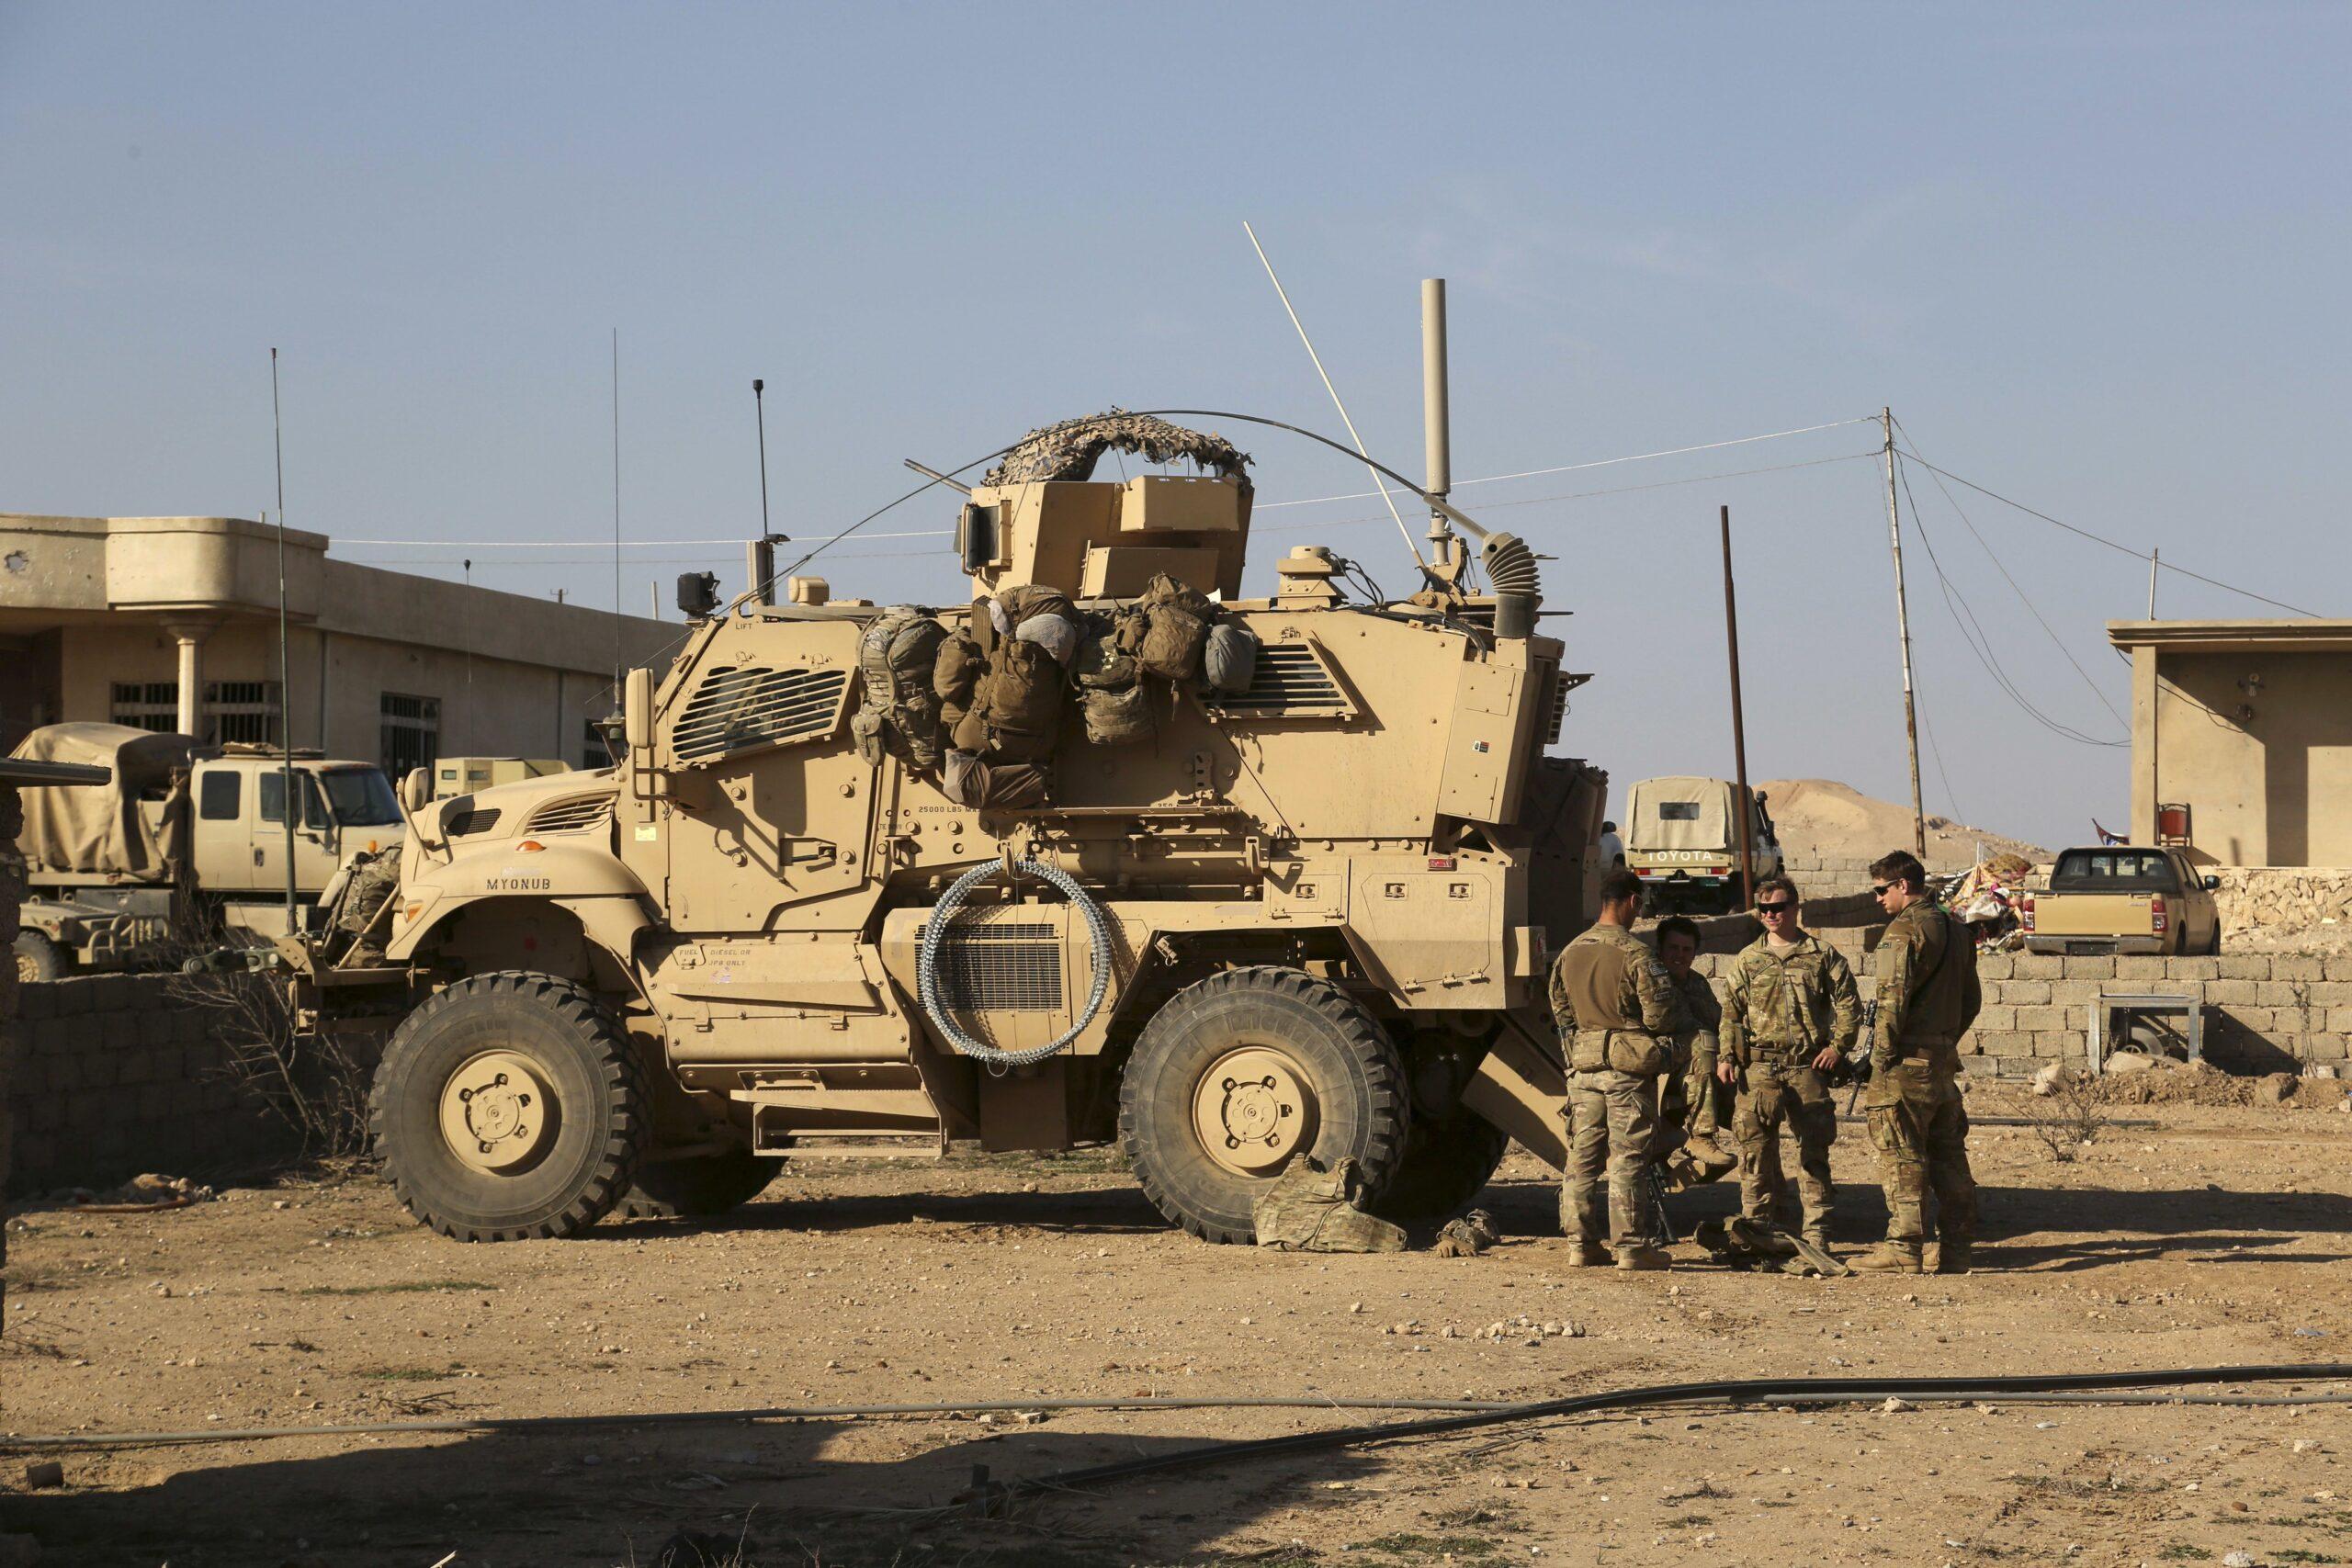 Raketirana iračka vojna baza u kojoj su smješteni američki vojnici